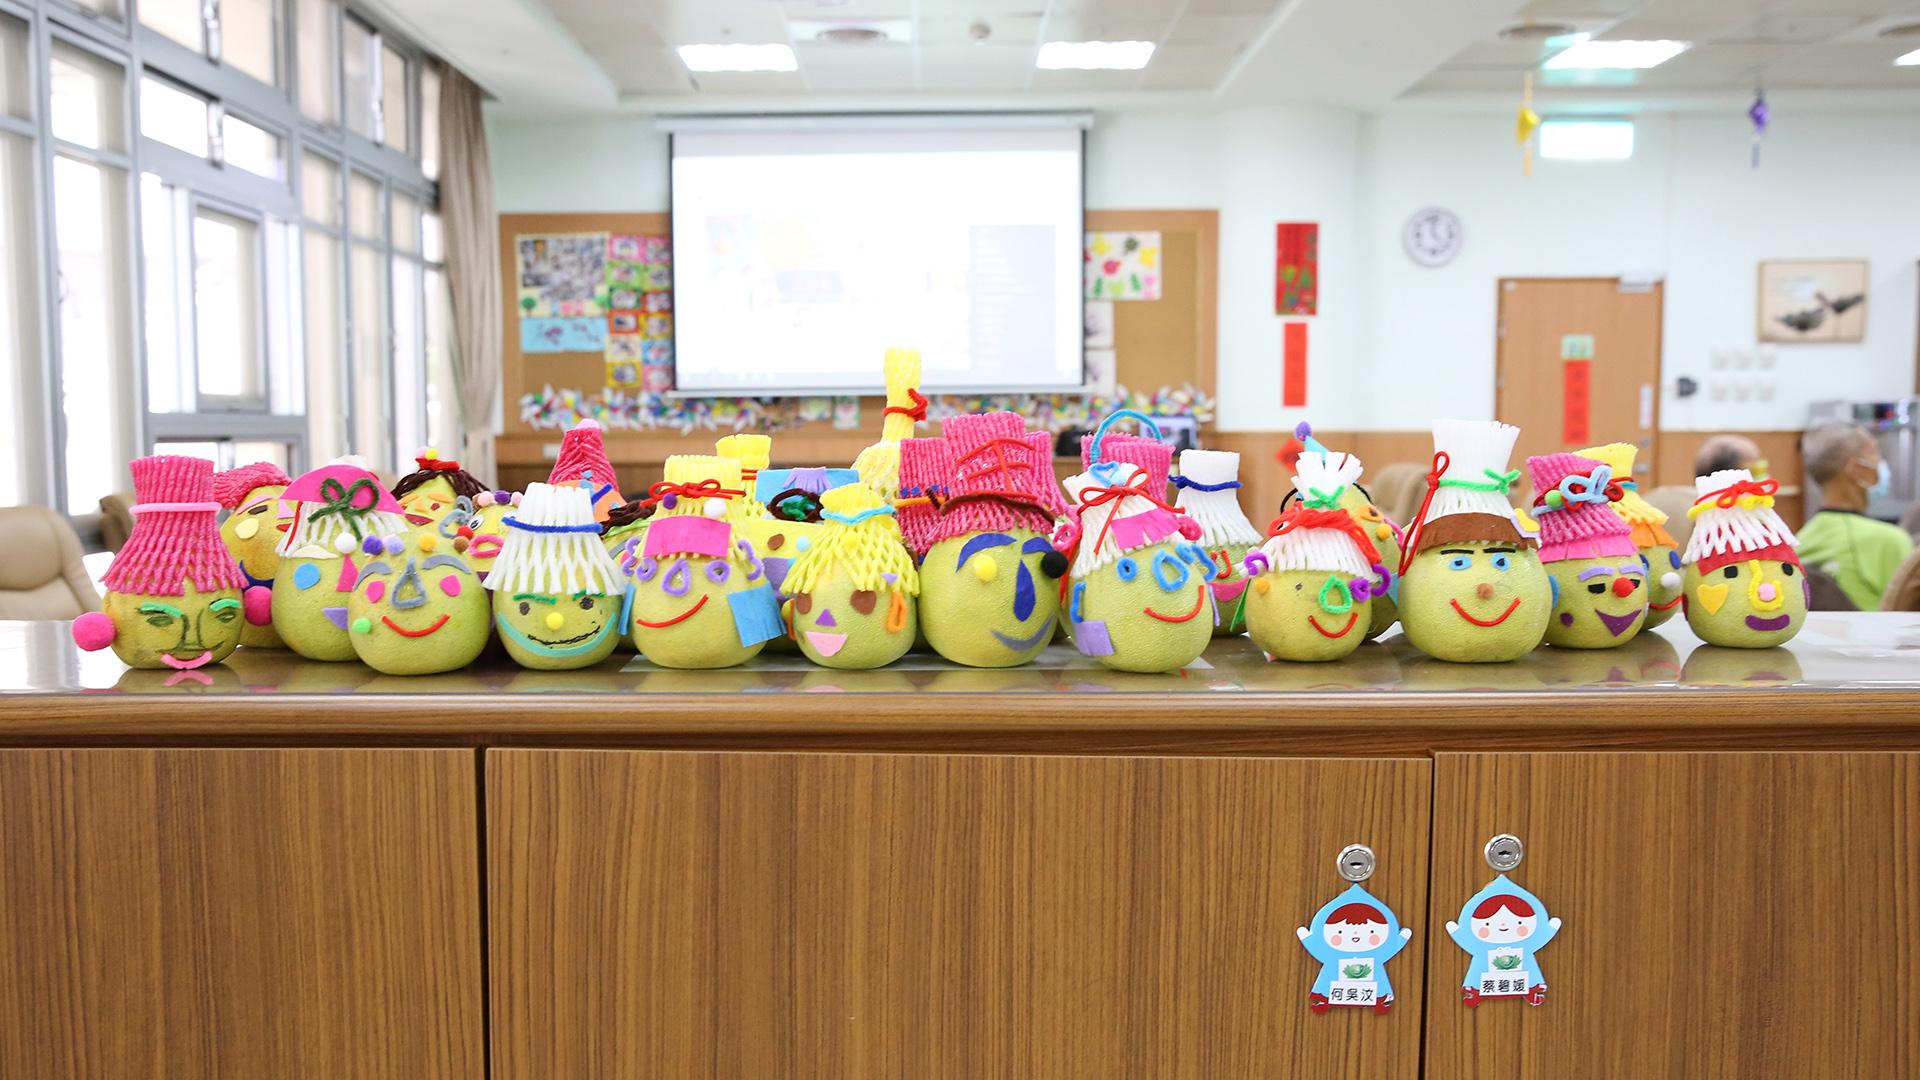 照顧團隊引導長輩們製作柚子娃娃,發揮創意拼出一張張可愛的笑臉。